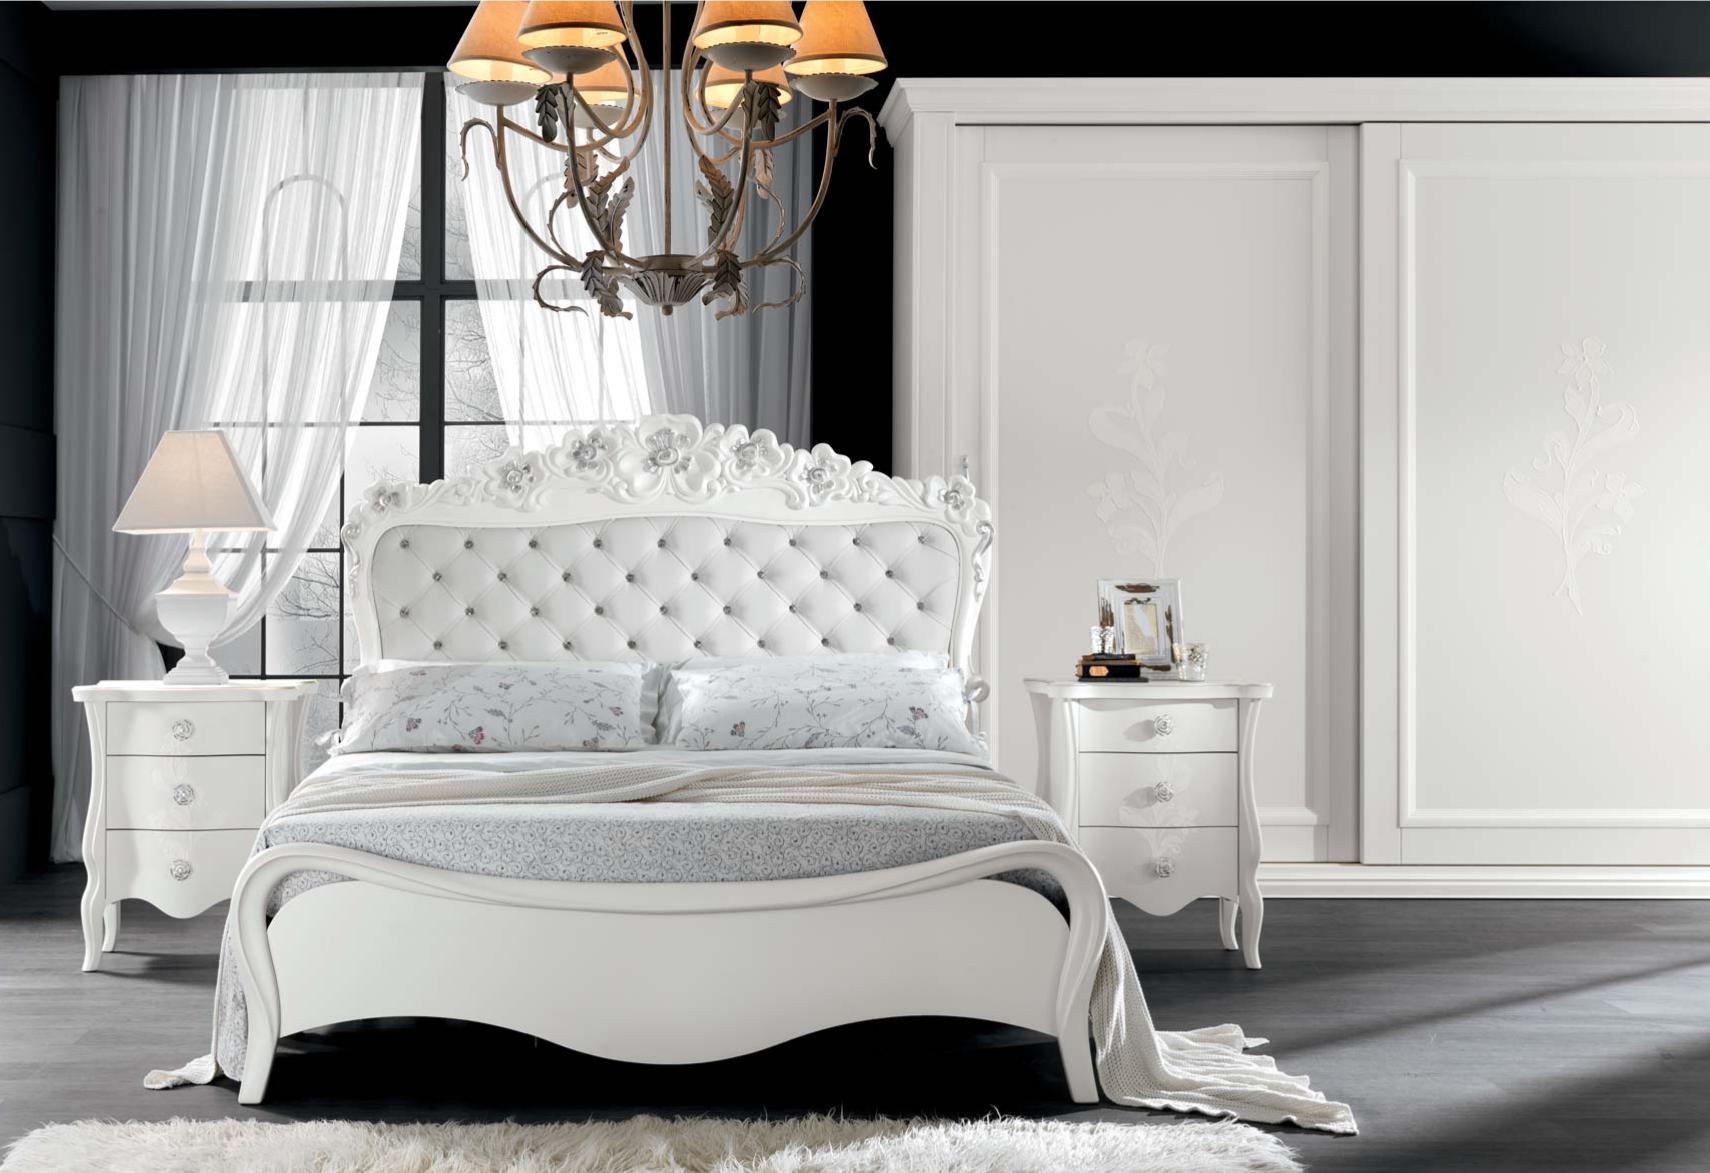 Medea letto per l arredo contemporaneo for Camera da letto stile contemporaneo prezzi